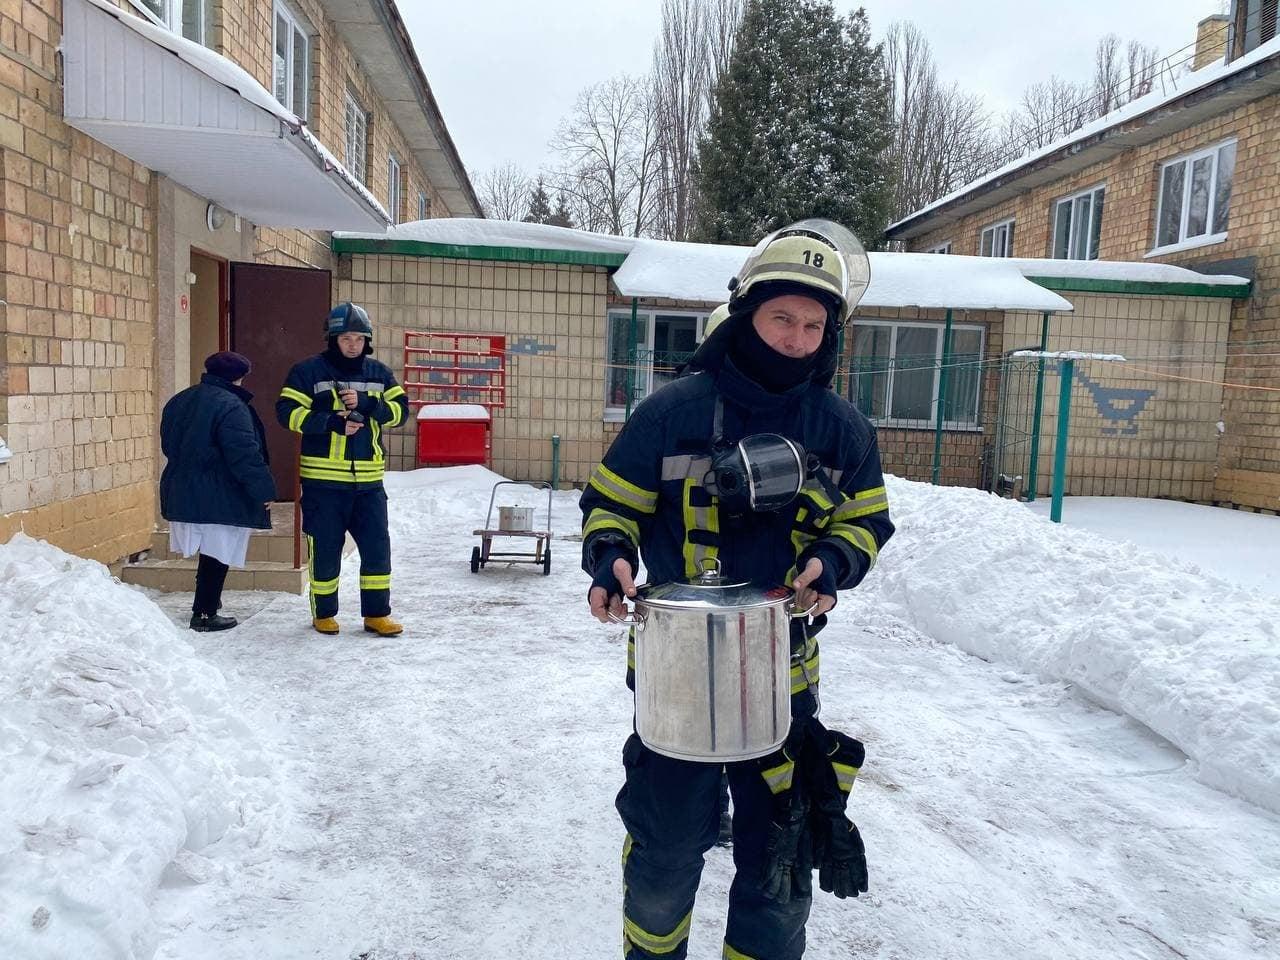 Загорівся холодильник: із дитсадка в Києві евакуювали 124 дитини (ФОТО) - холодильник, пожежа, ДСНС, дитсадок - 148473865 5385885841429272 7358699518752288931 o